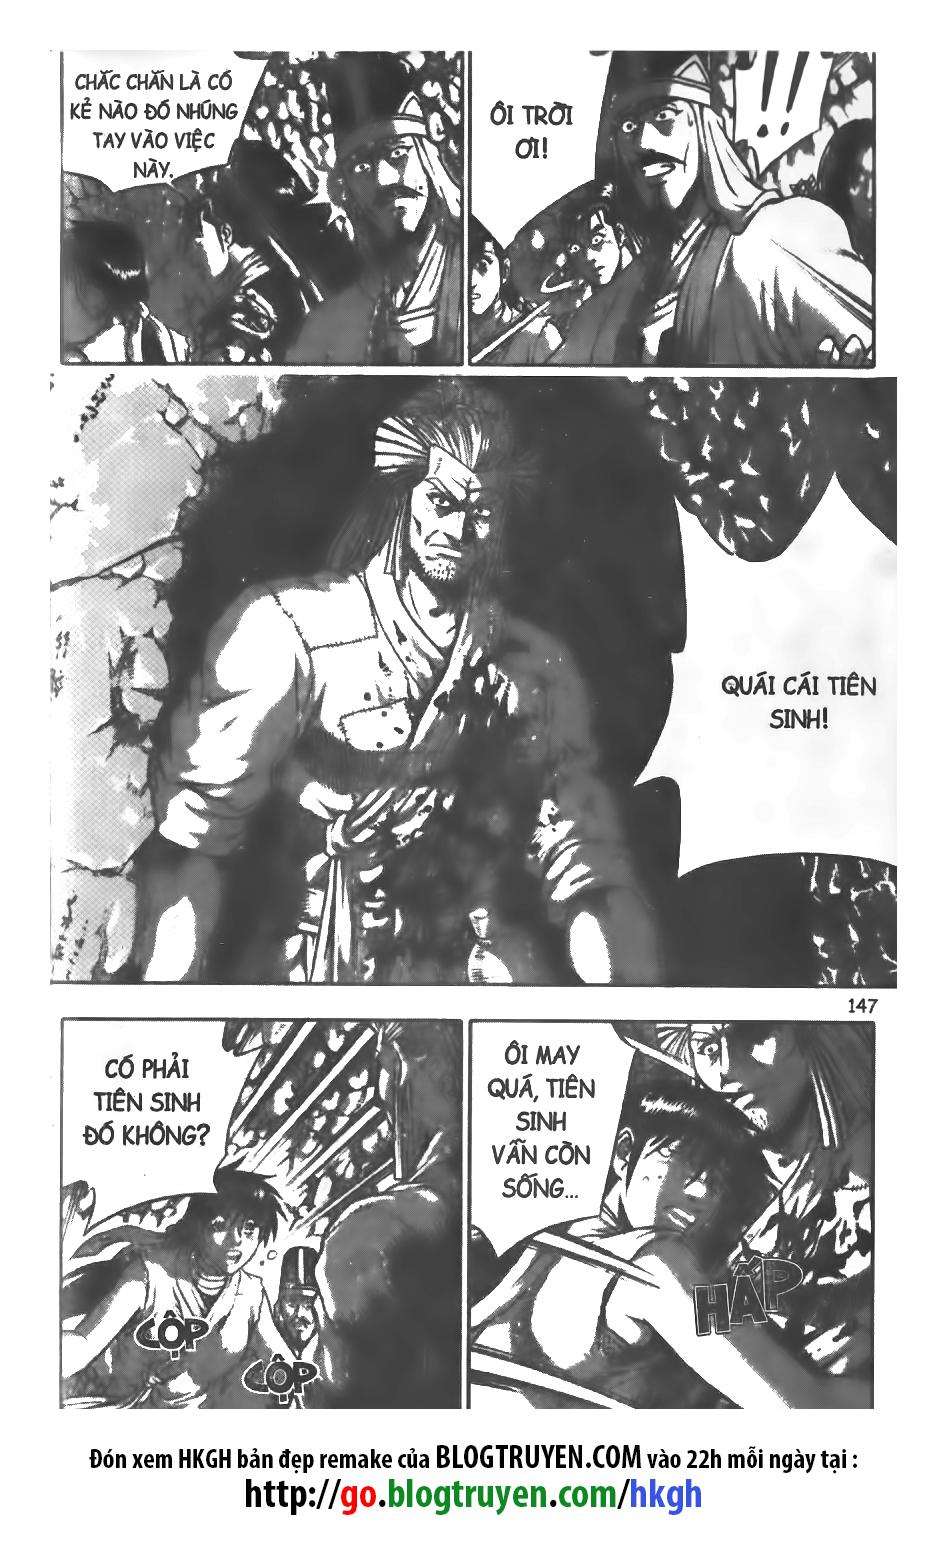 xem truyen moi - Hiệp Khách Giang Hồ Vol47 - Chap 330 - Remake